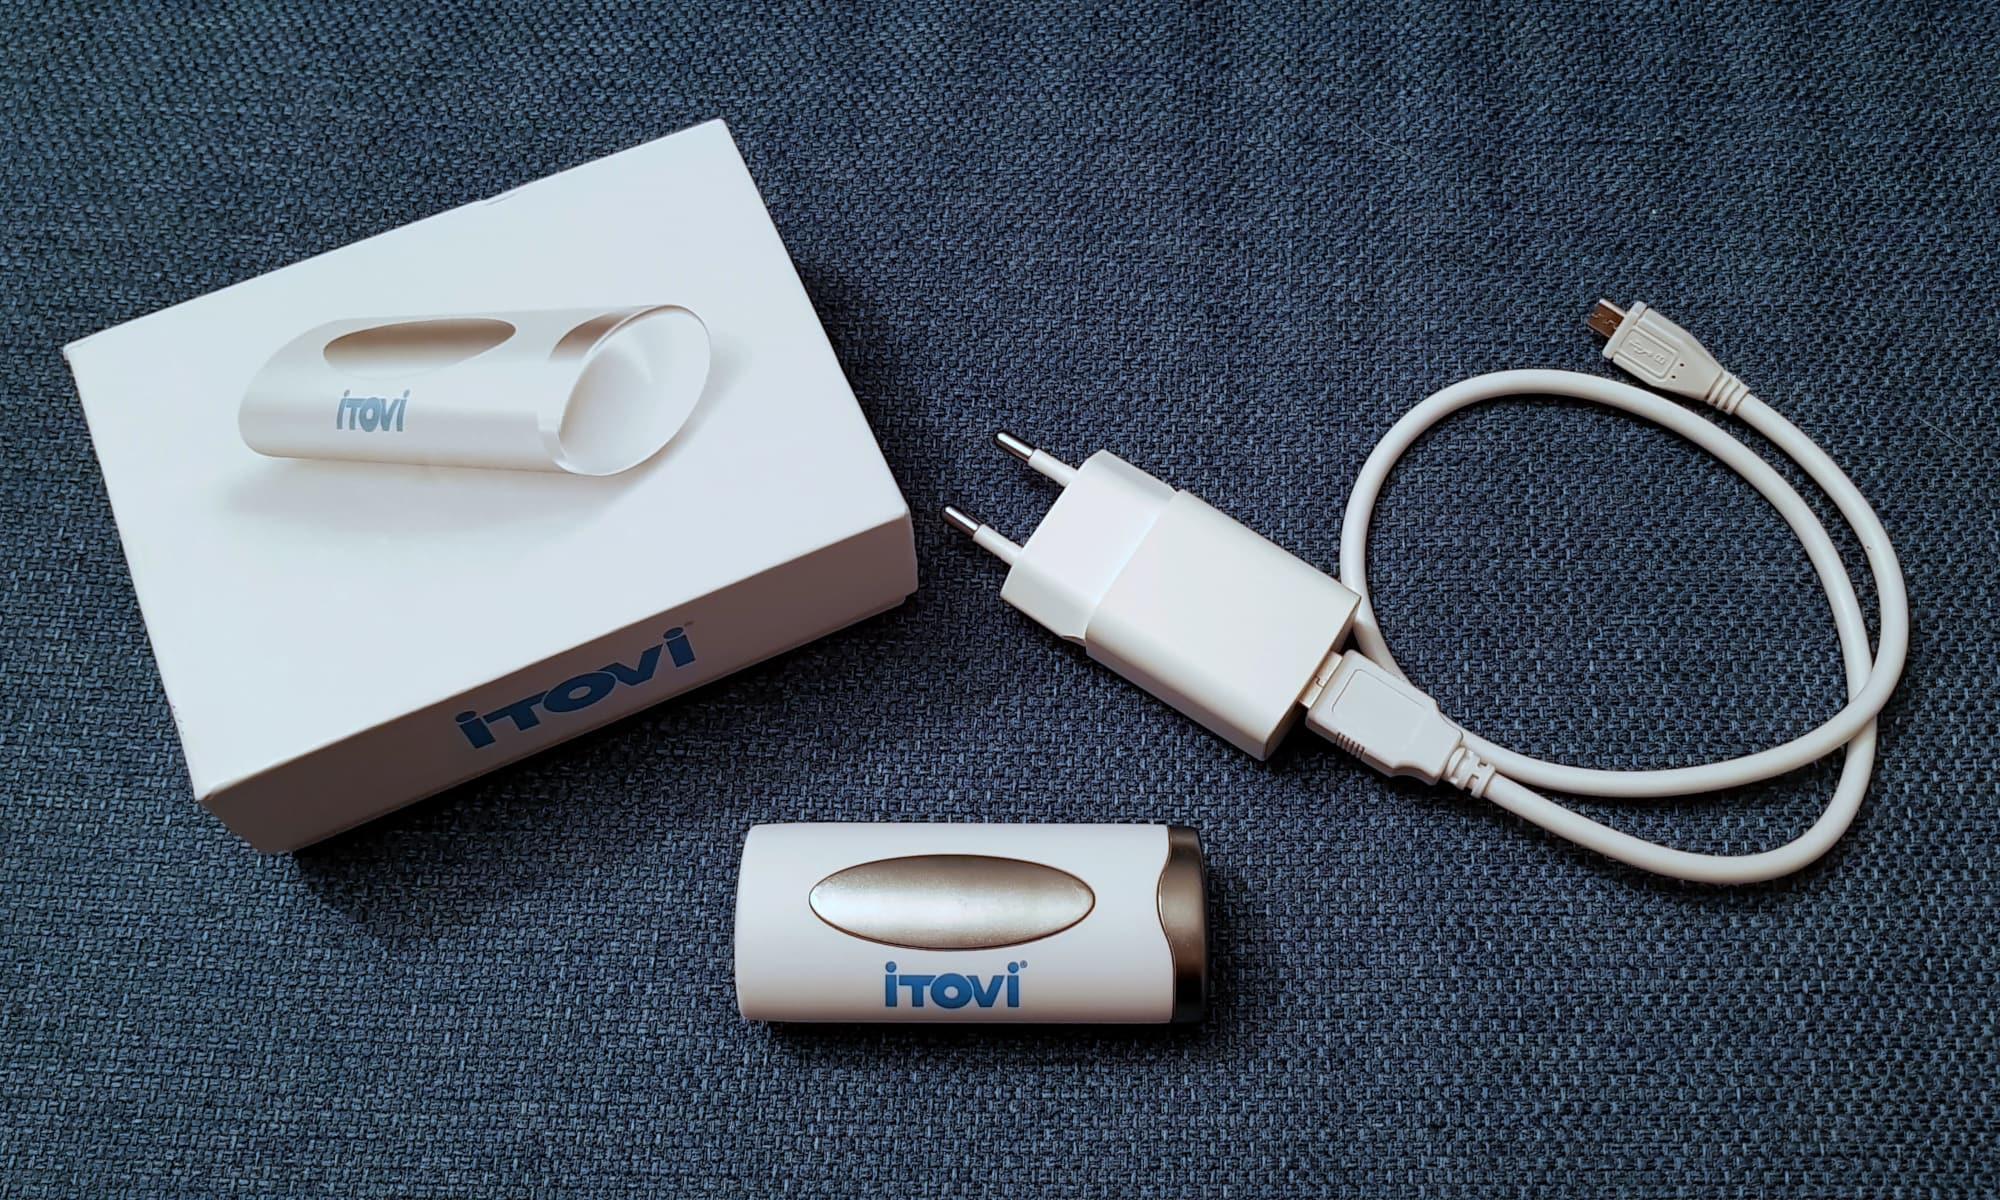 Der neue iTOVi 2.0 nebst Verpackung